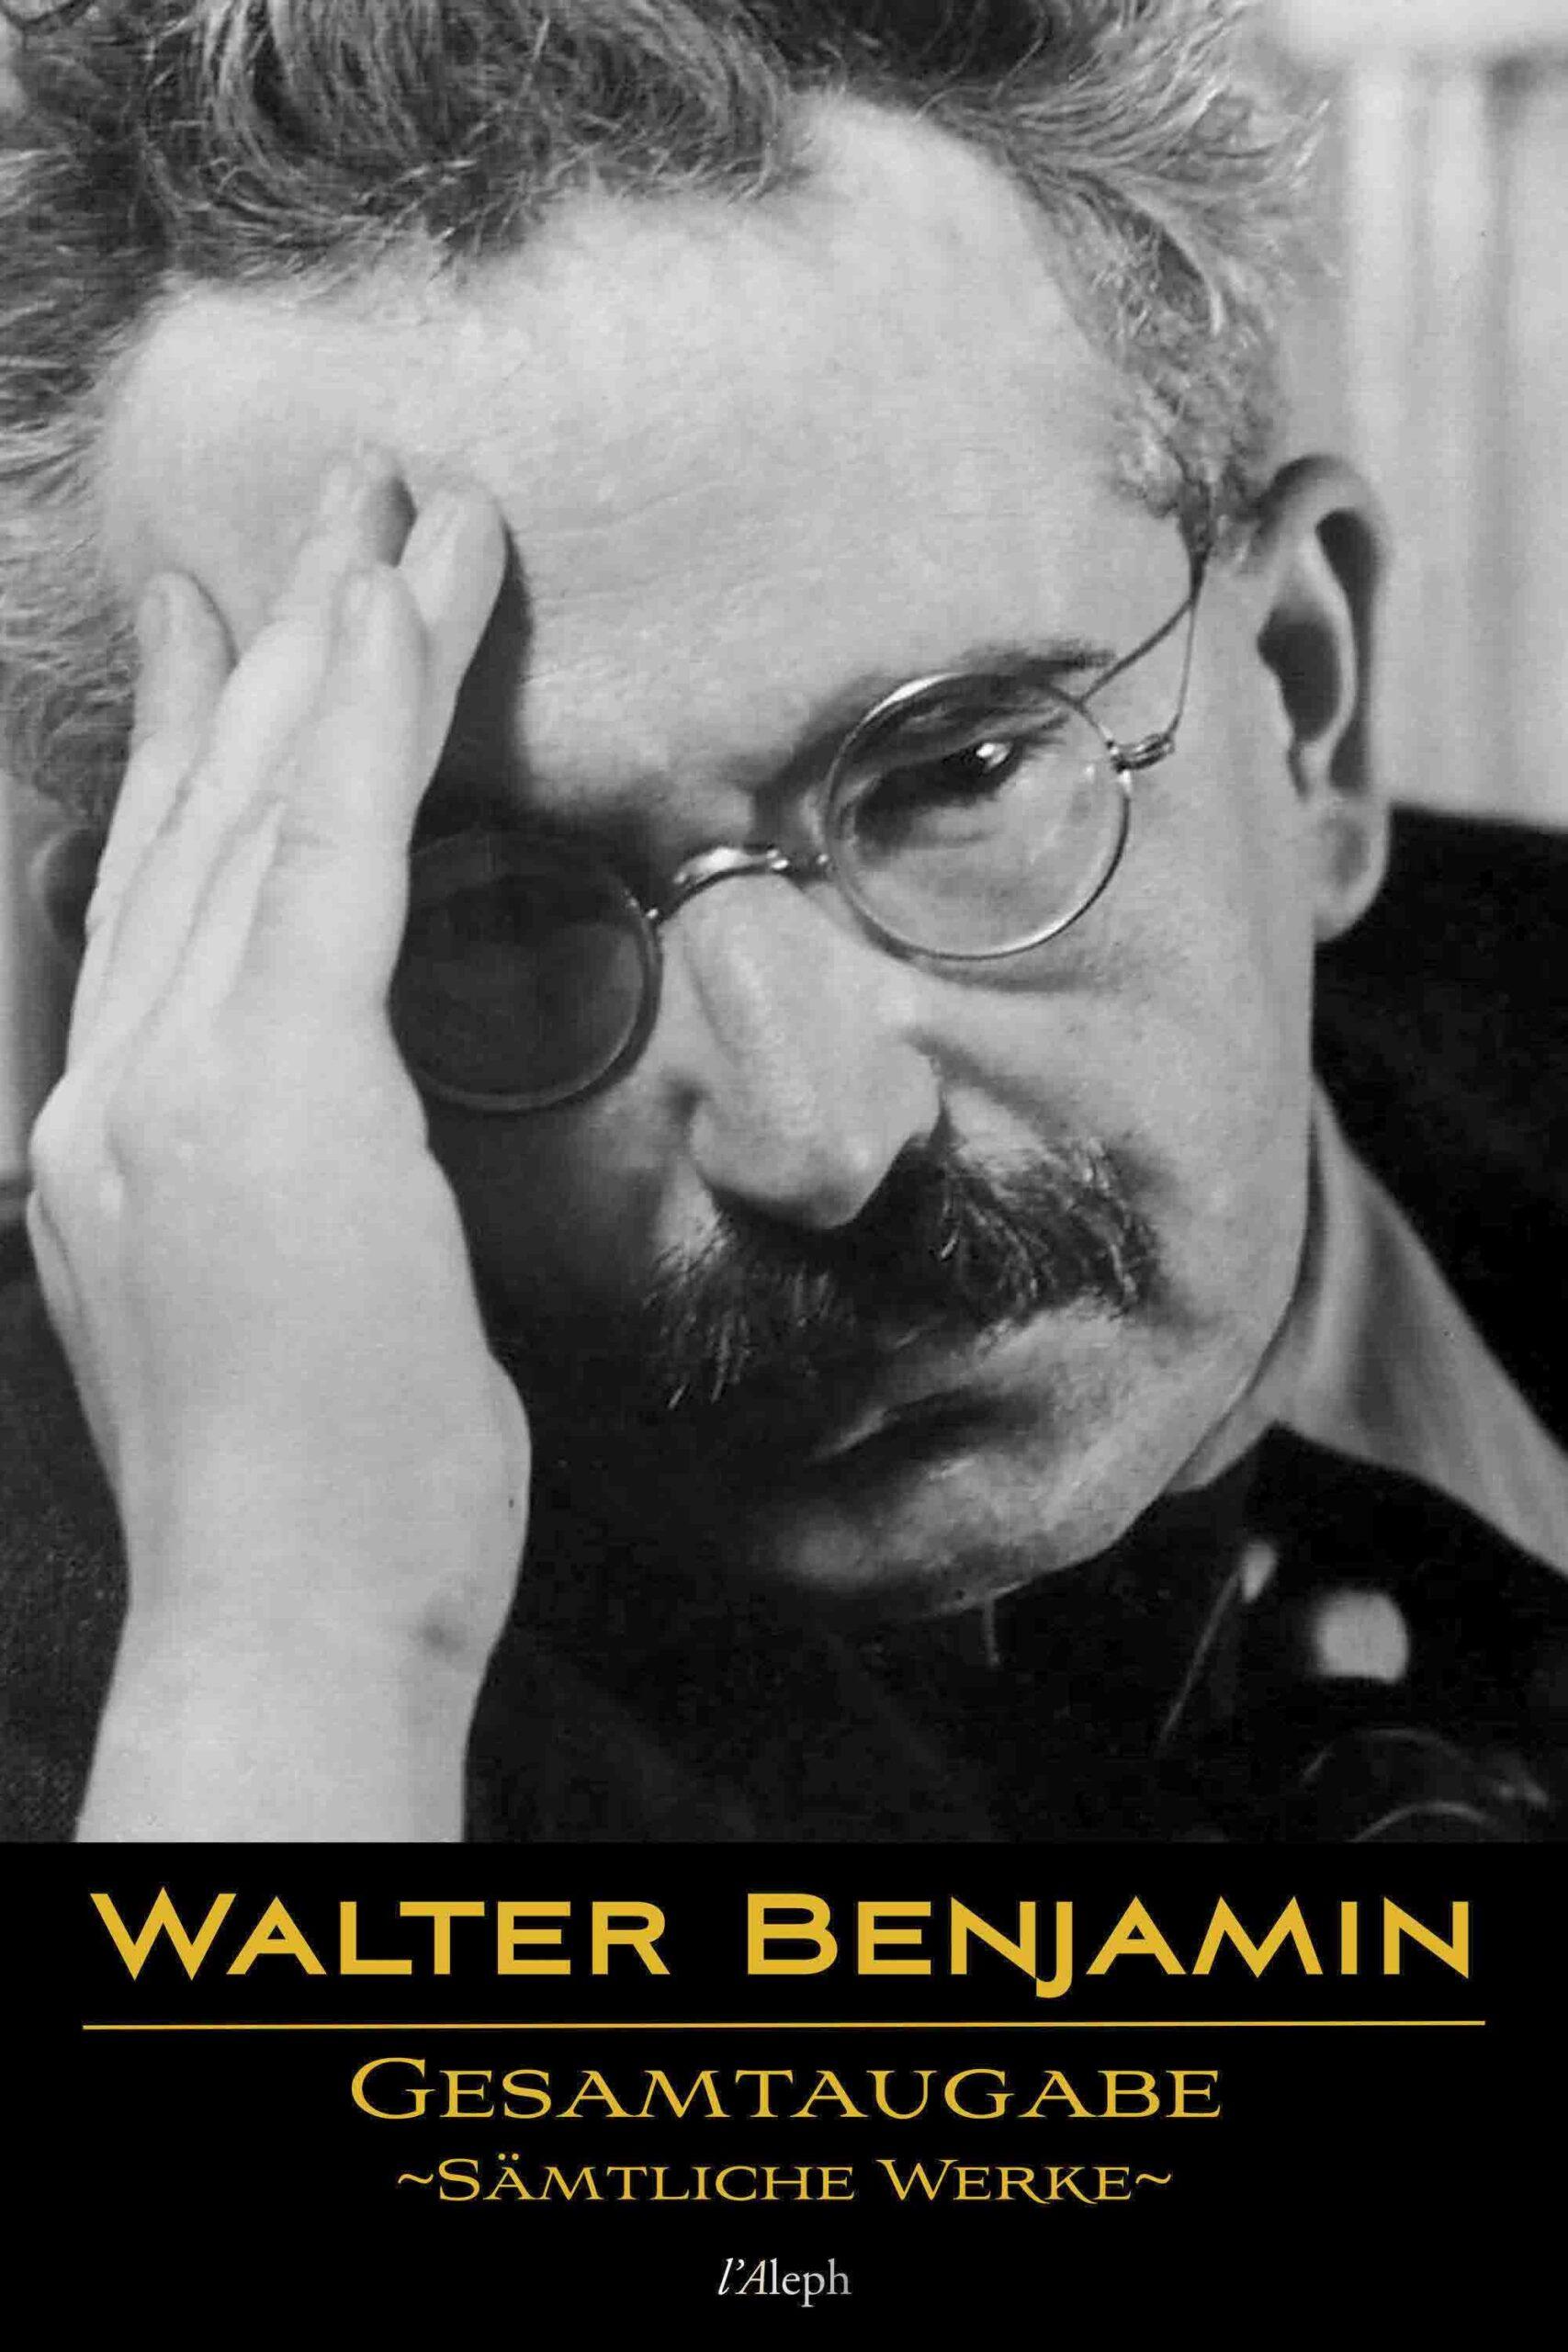 Walter Benjamin: Gesamtausgabe – Sämtliche Werke